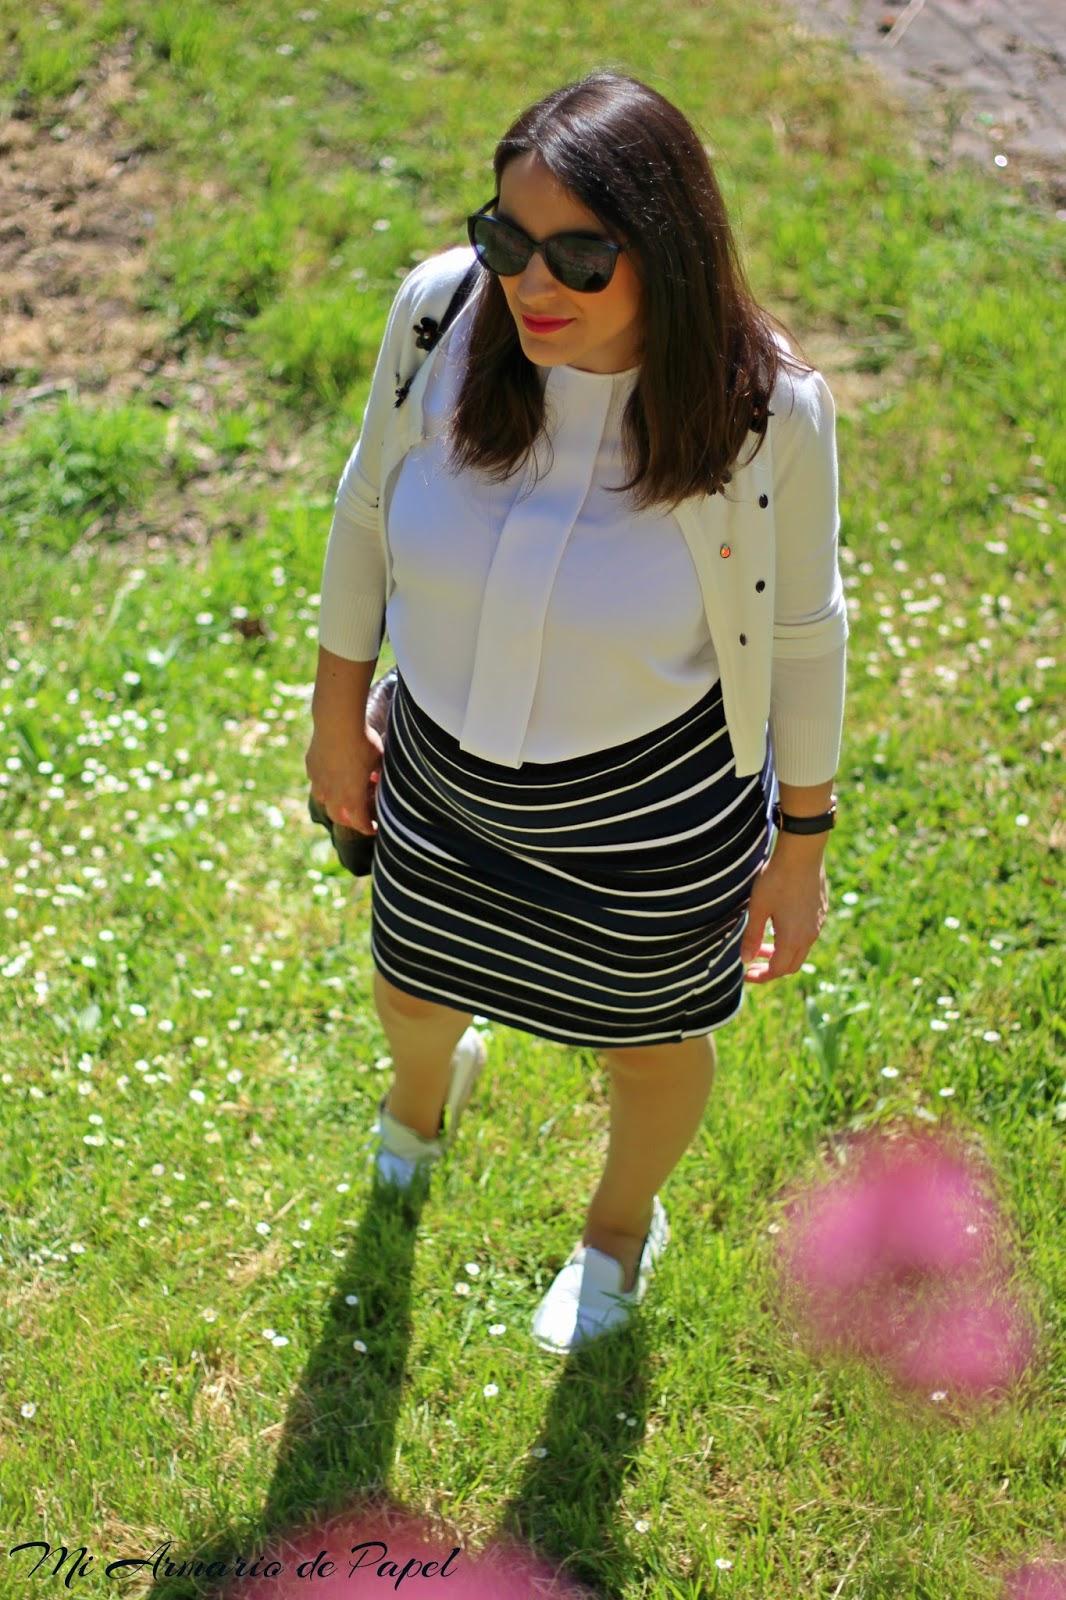 bastante agradable b99bb 18edc Outfit: Look Premamá Falda Tubo - Mi Armario de Papel